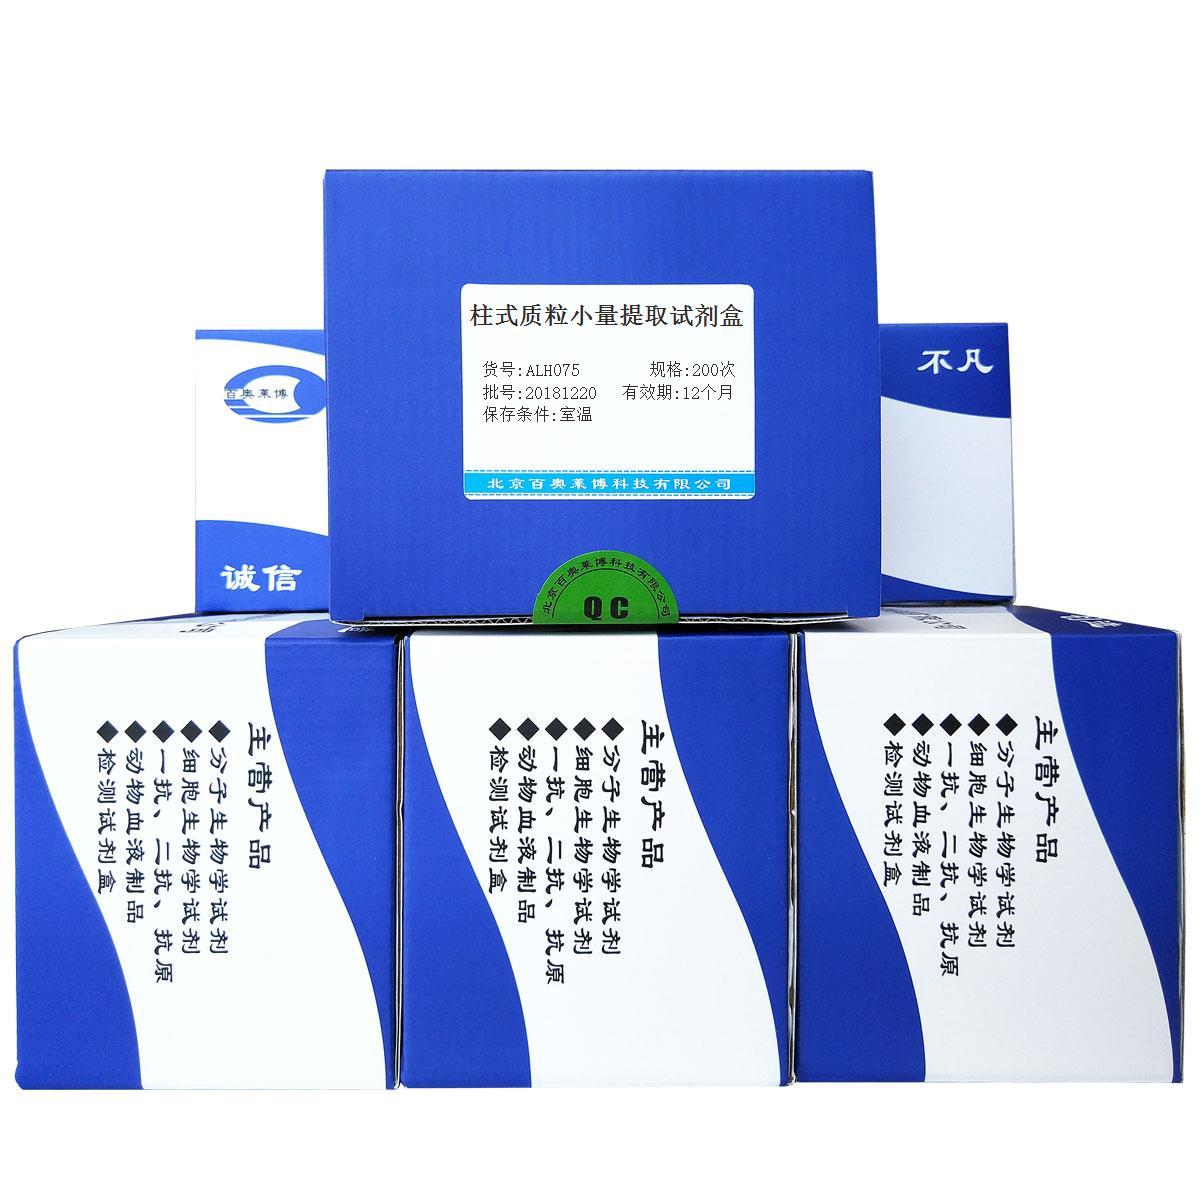 柱式质粒小量提取试剂盒